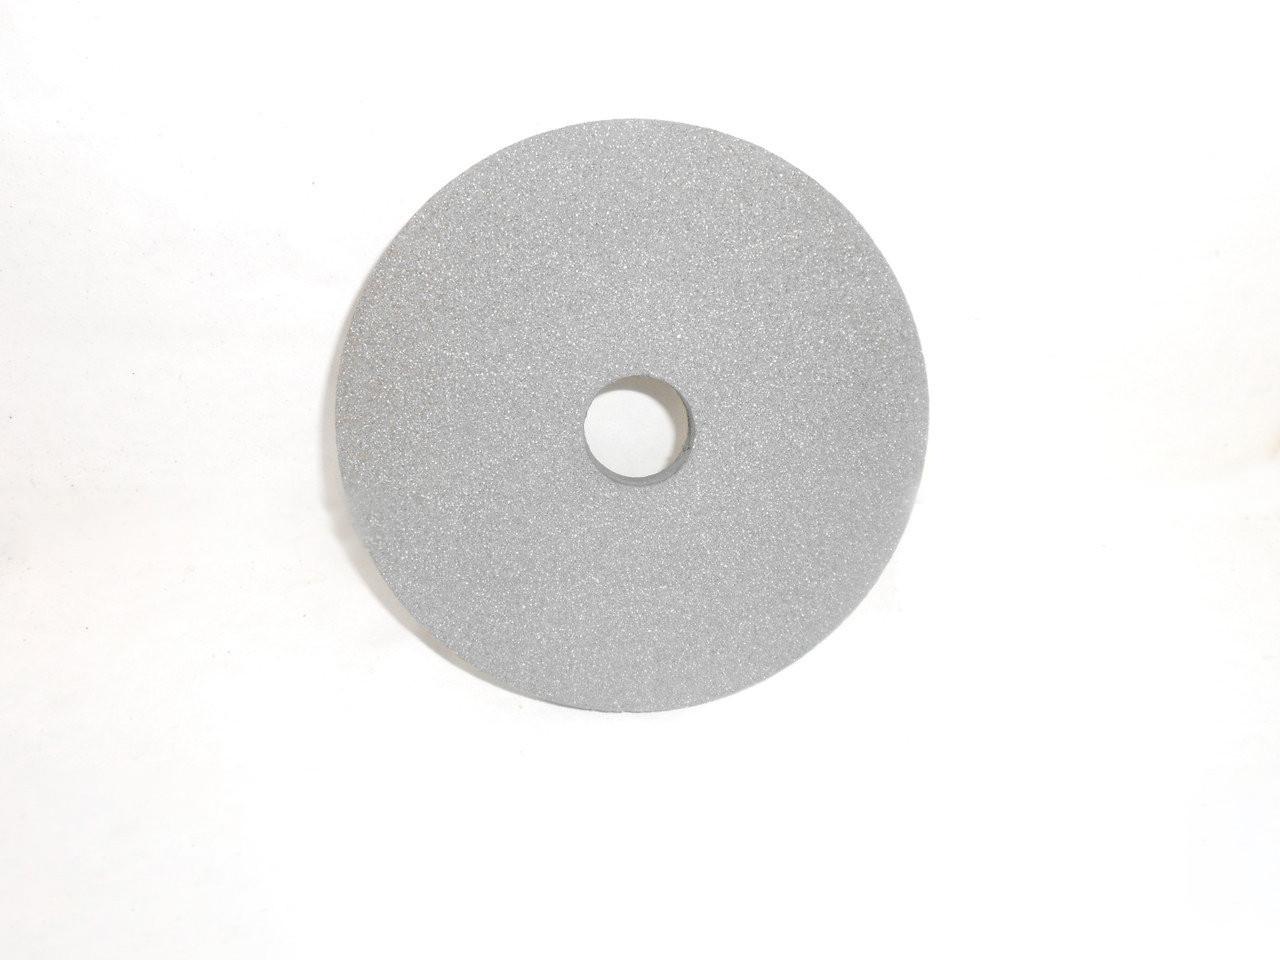 Круг шлифовальный 14А ПП 250х25х76  16-40 СМ-СТ